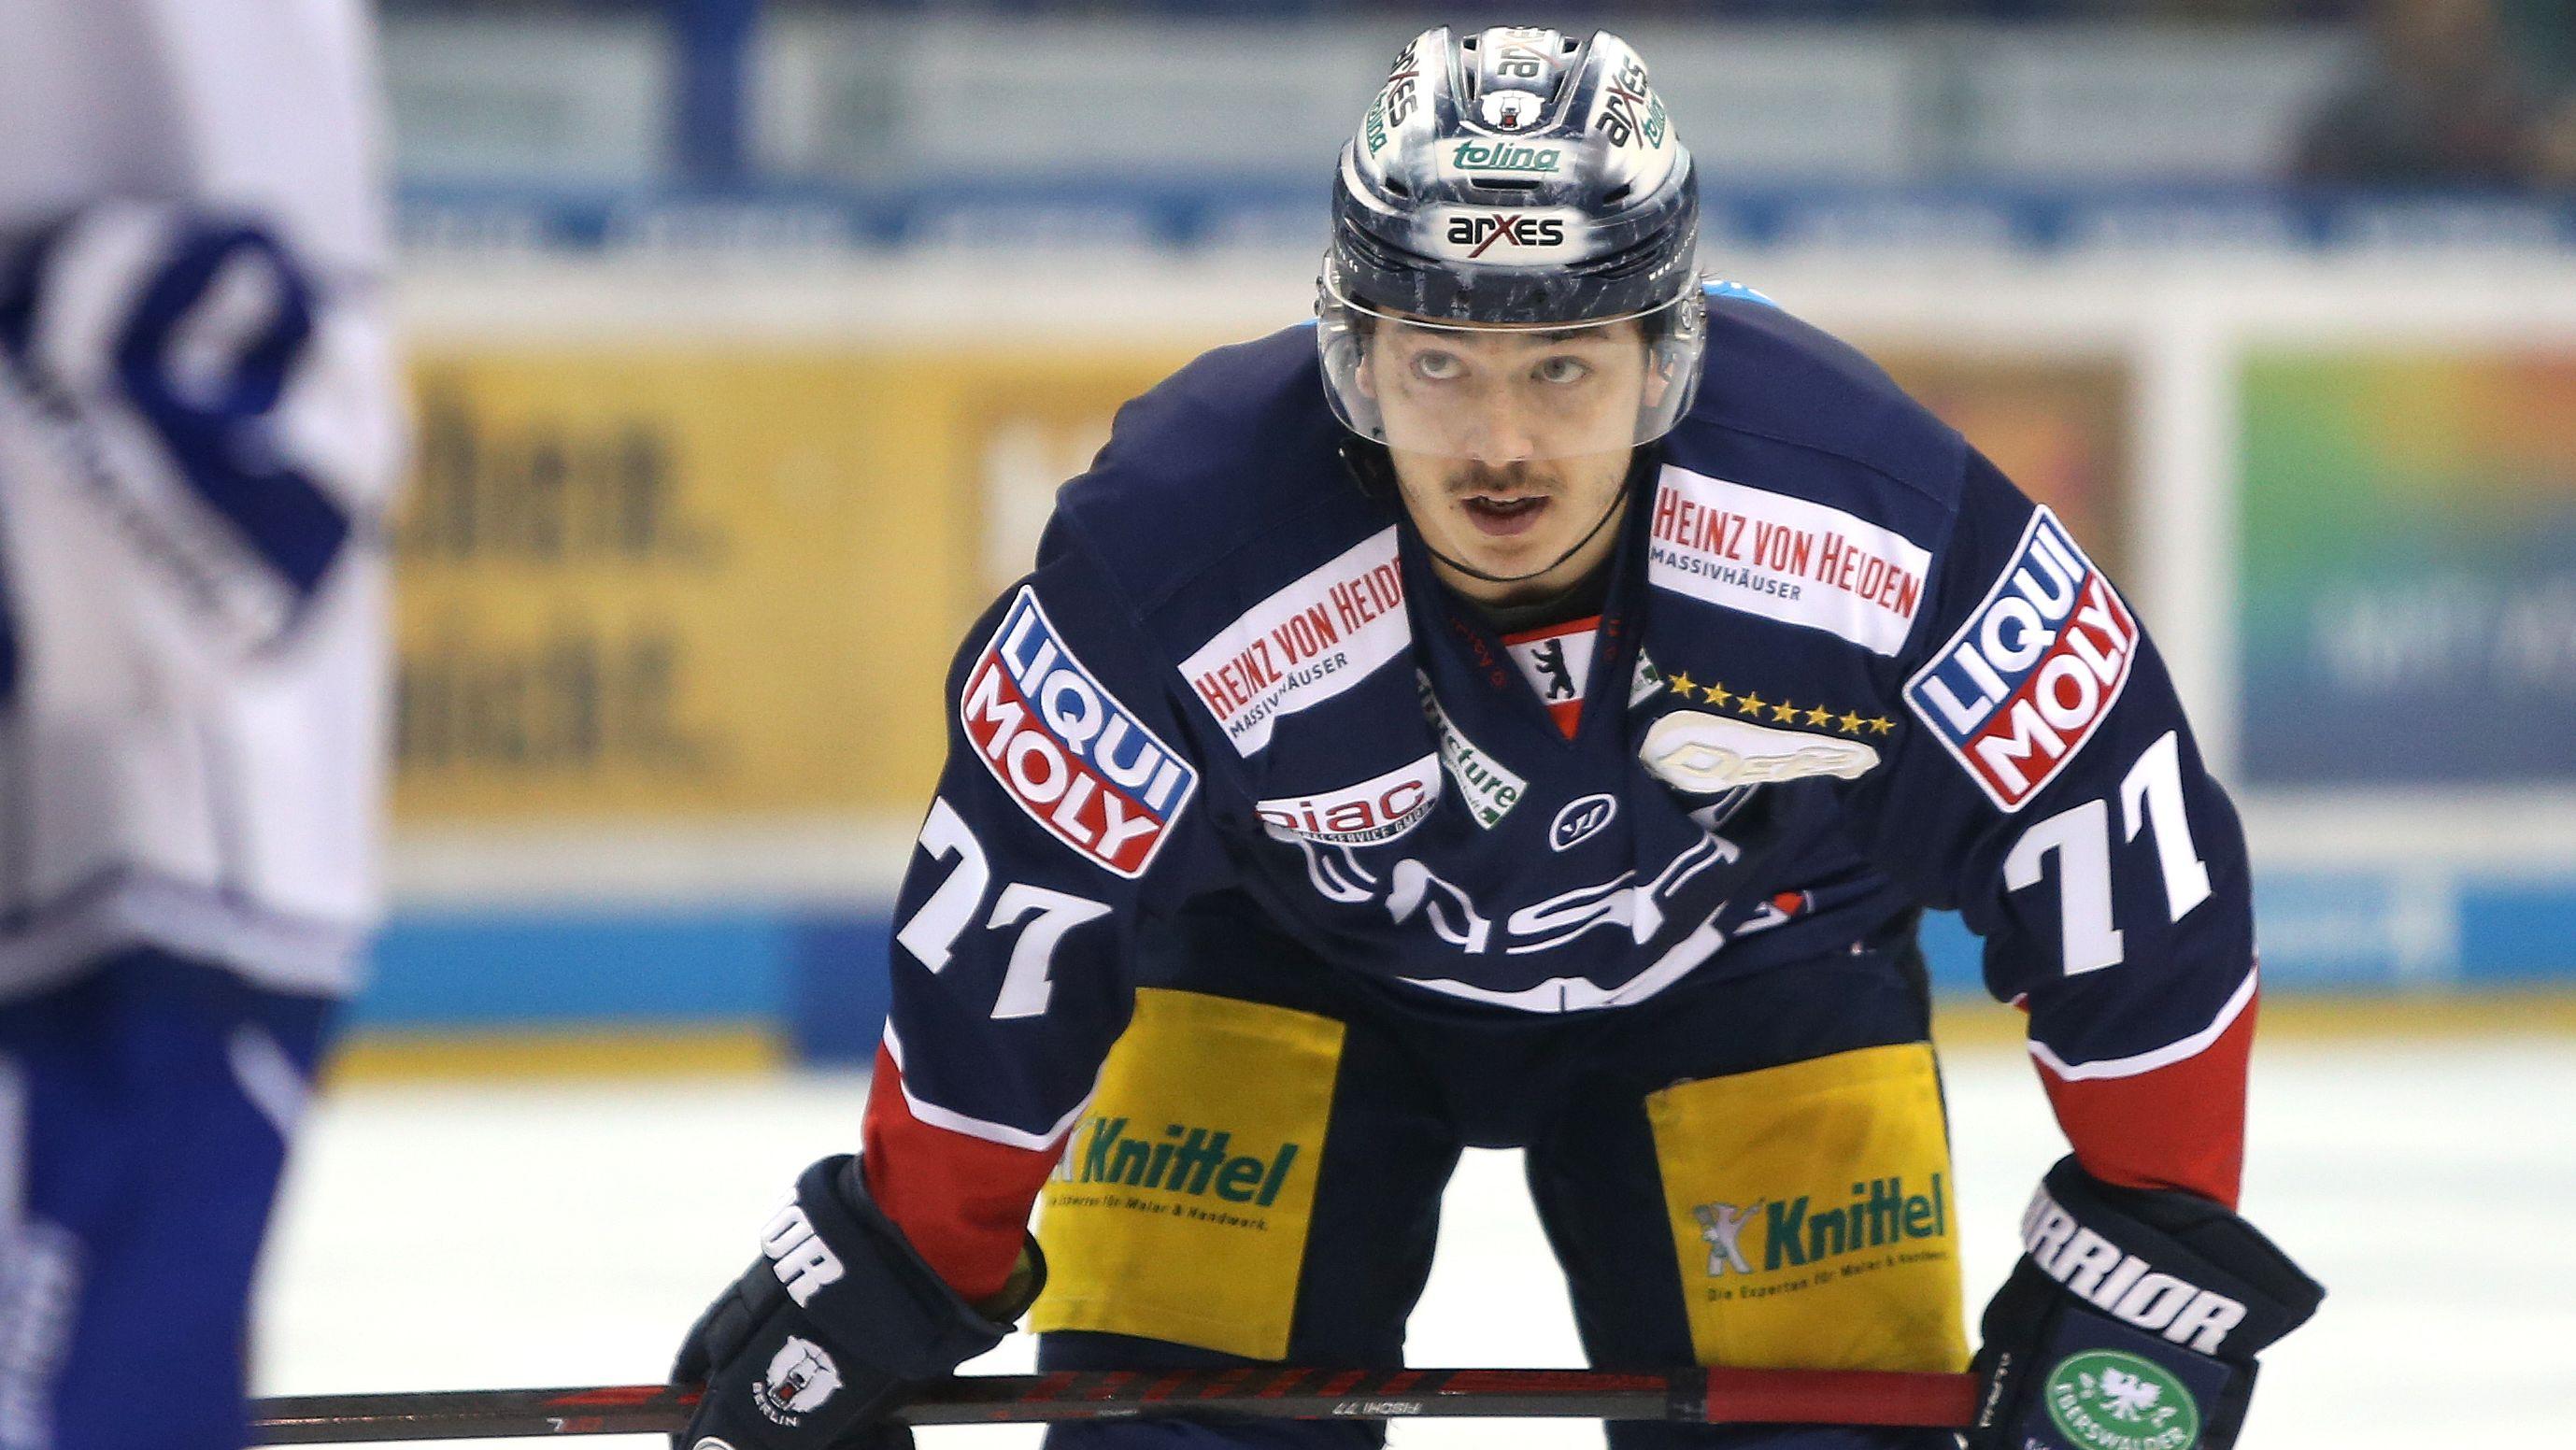 Eishockey-Spieler Daniel Fischbuch im Eishockey-Outfit mit Eishockey-Schläger.